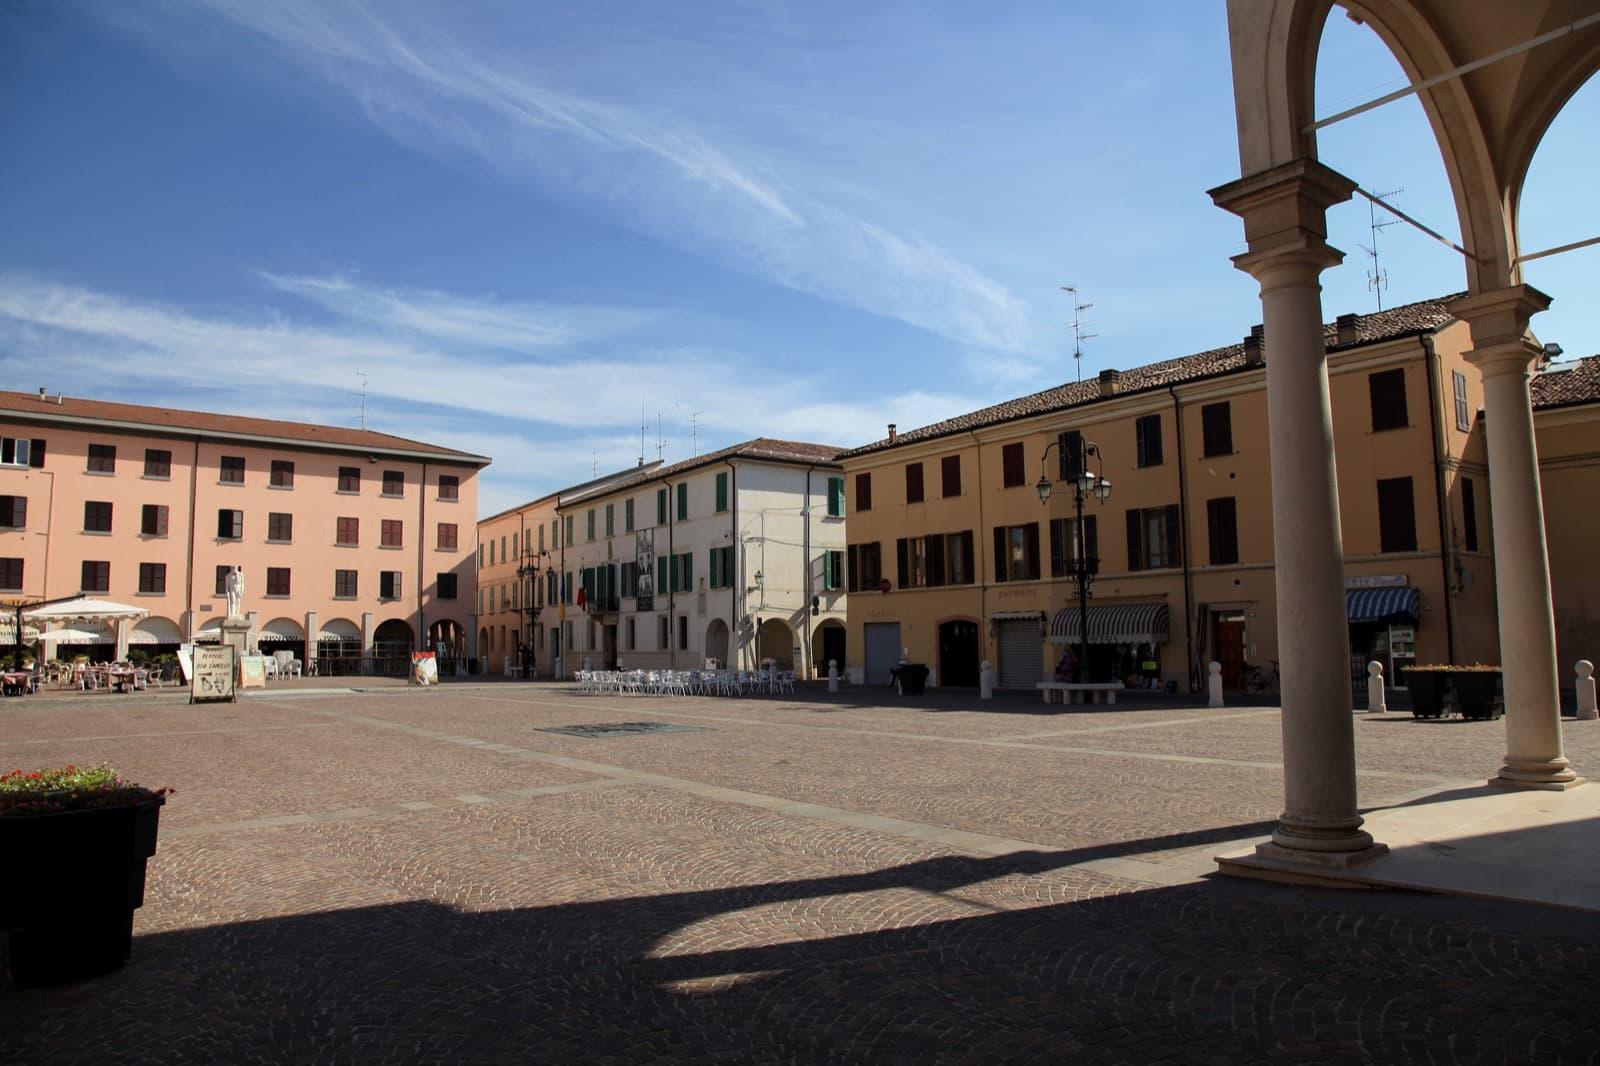 Brescello, Don Camillo and Peppone's village